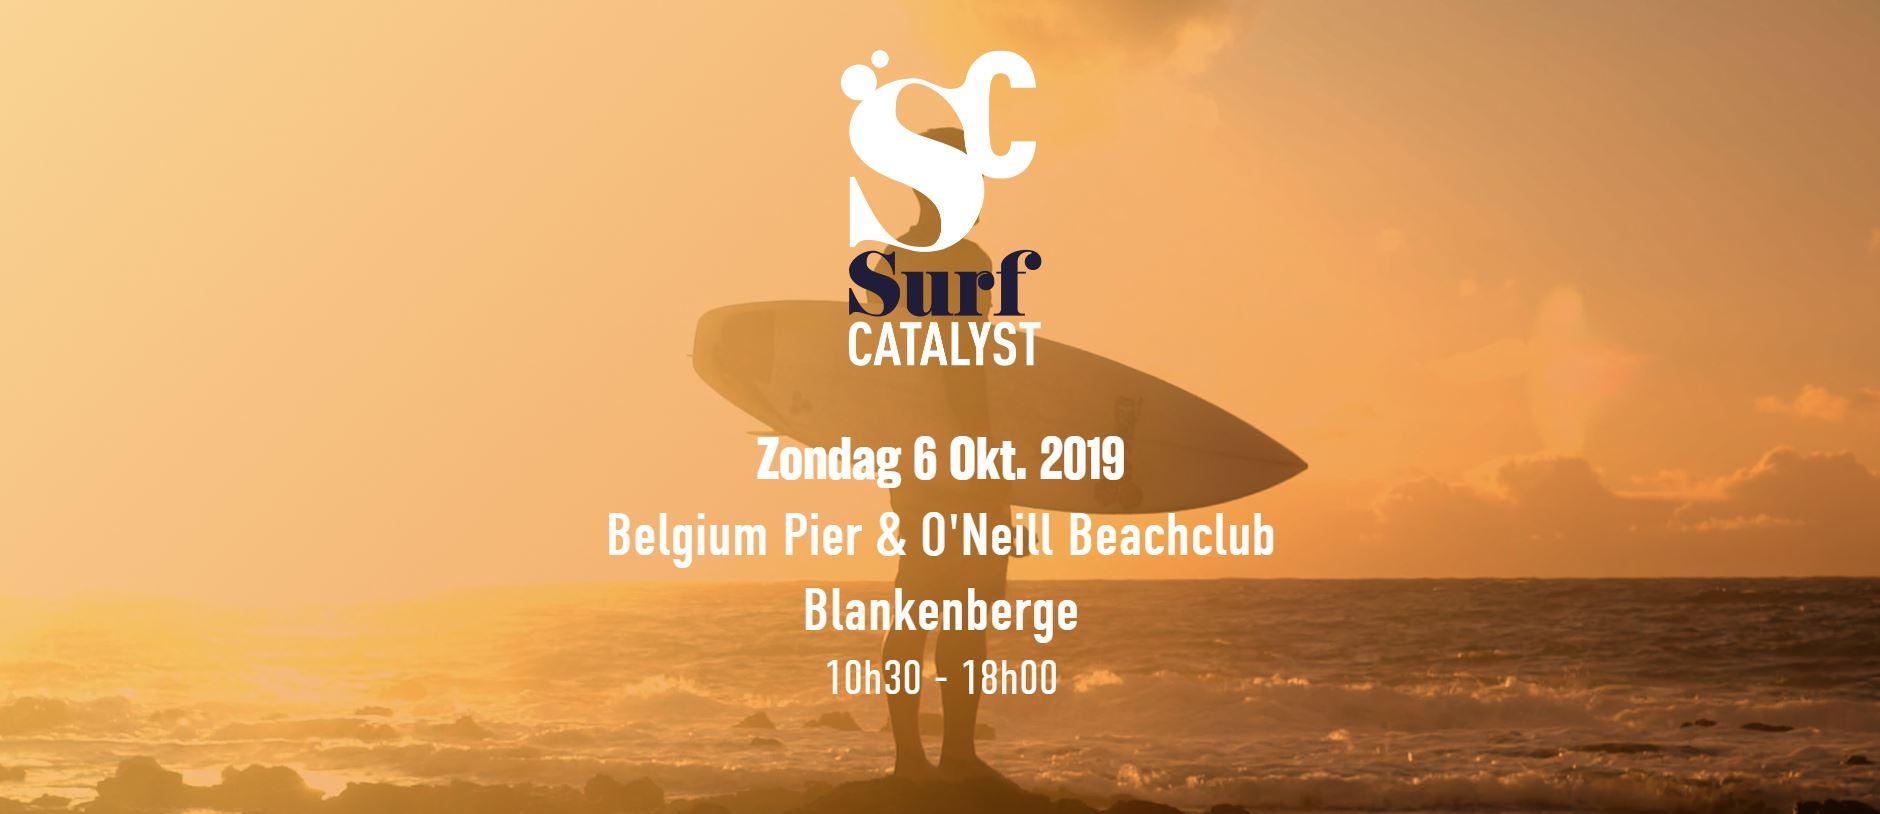 Surfcatalyst.JPG